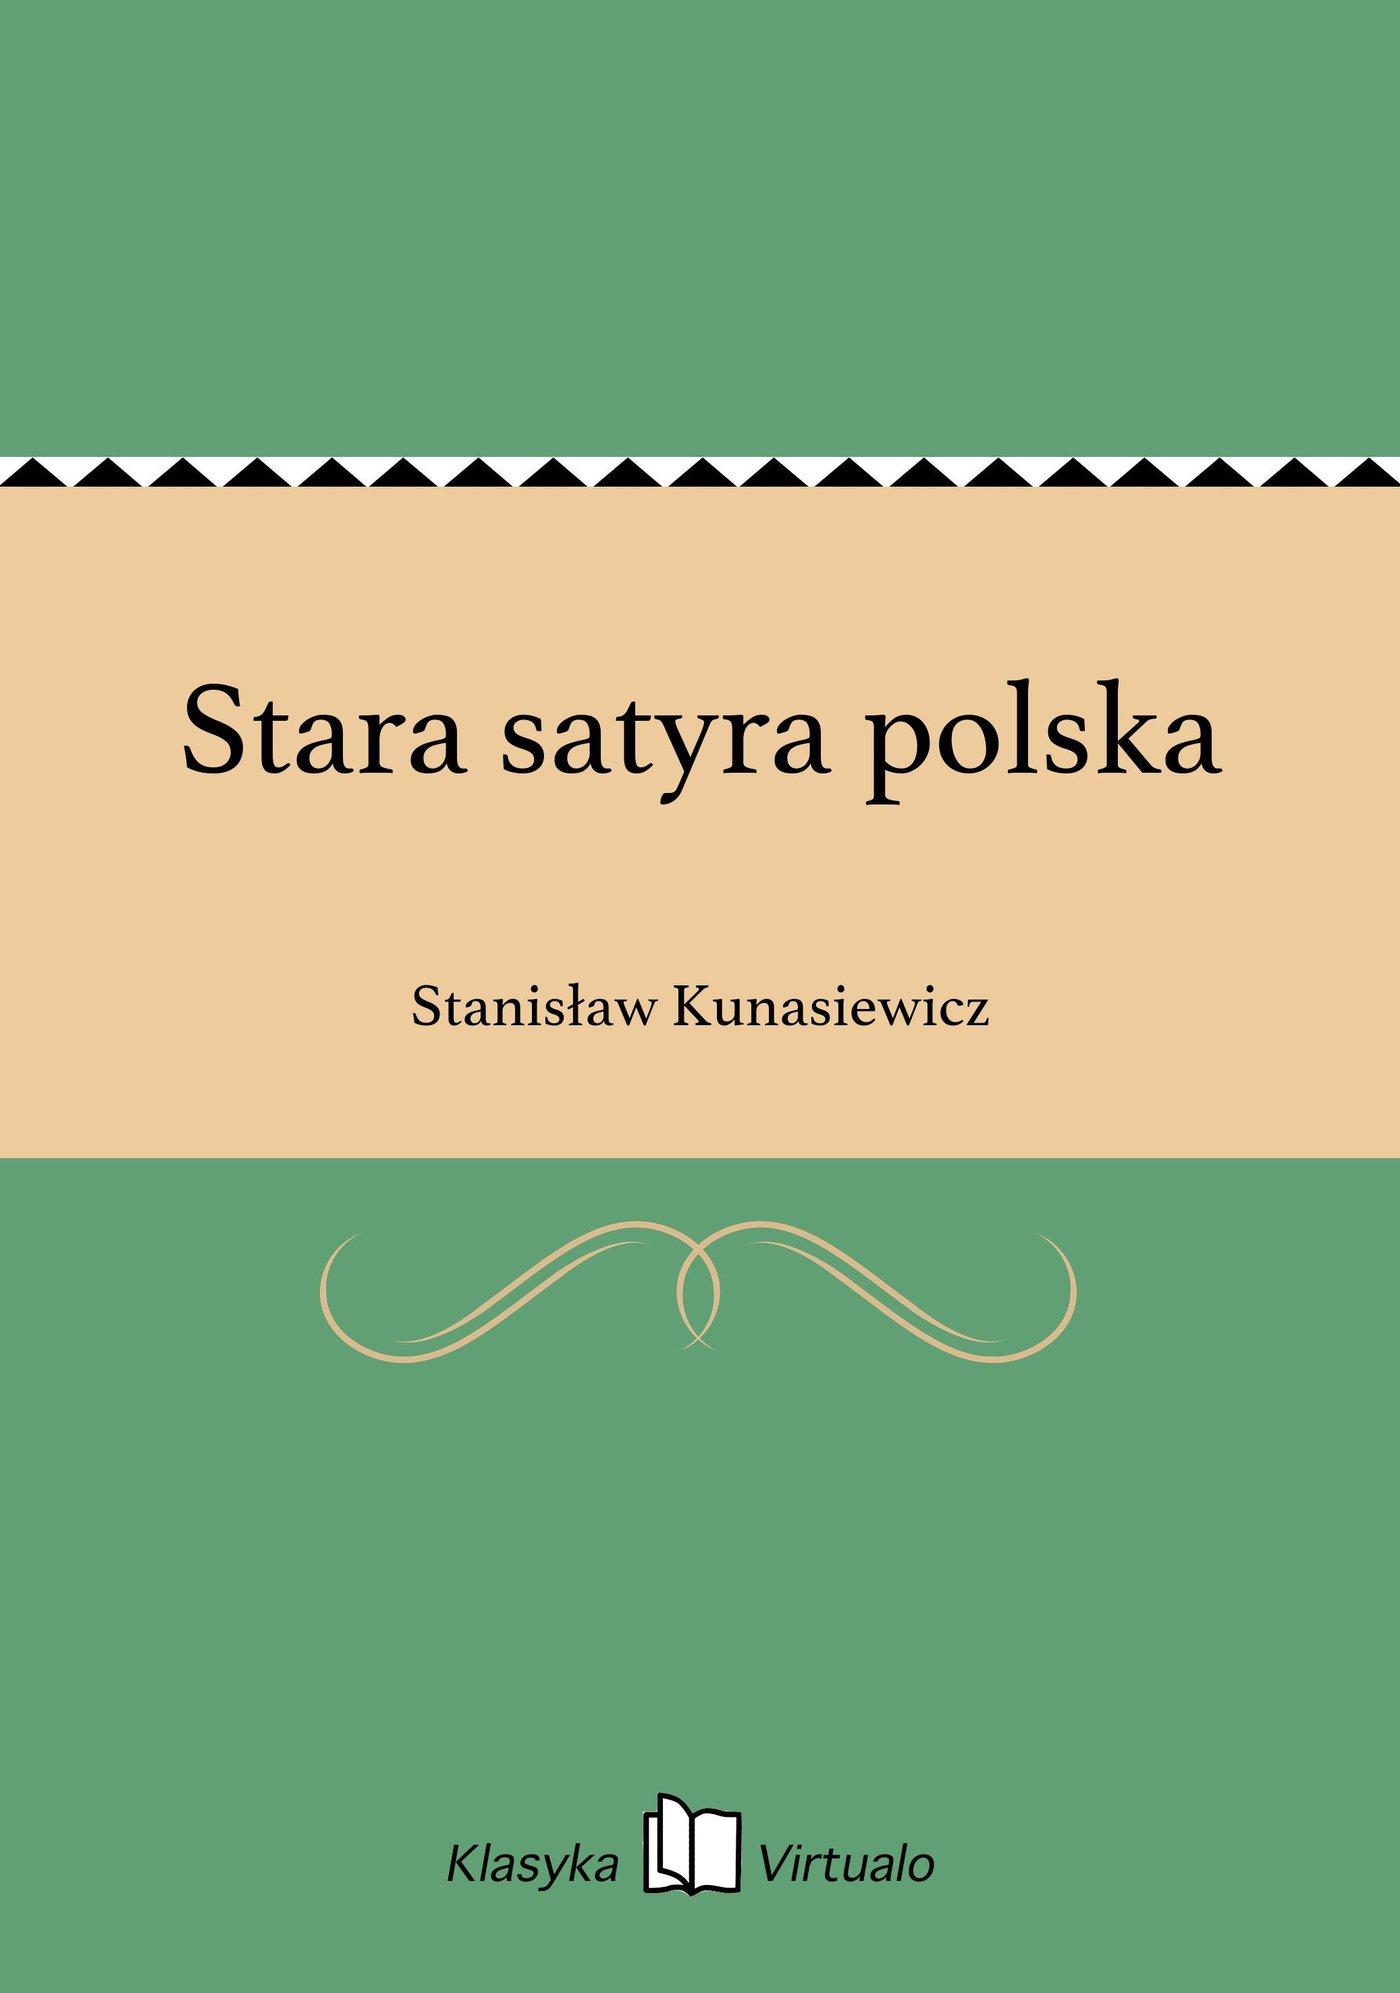 Stara satyra polska - Ebook (Książka EPUB) do pobrania w formacie EPUB